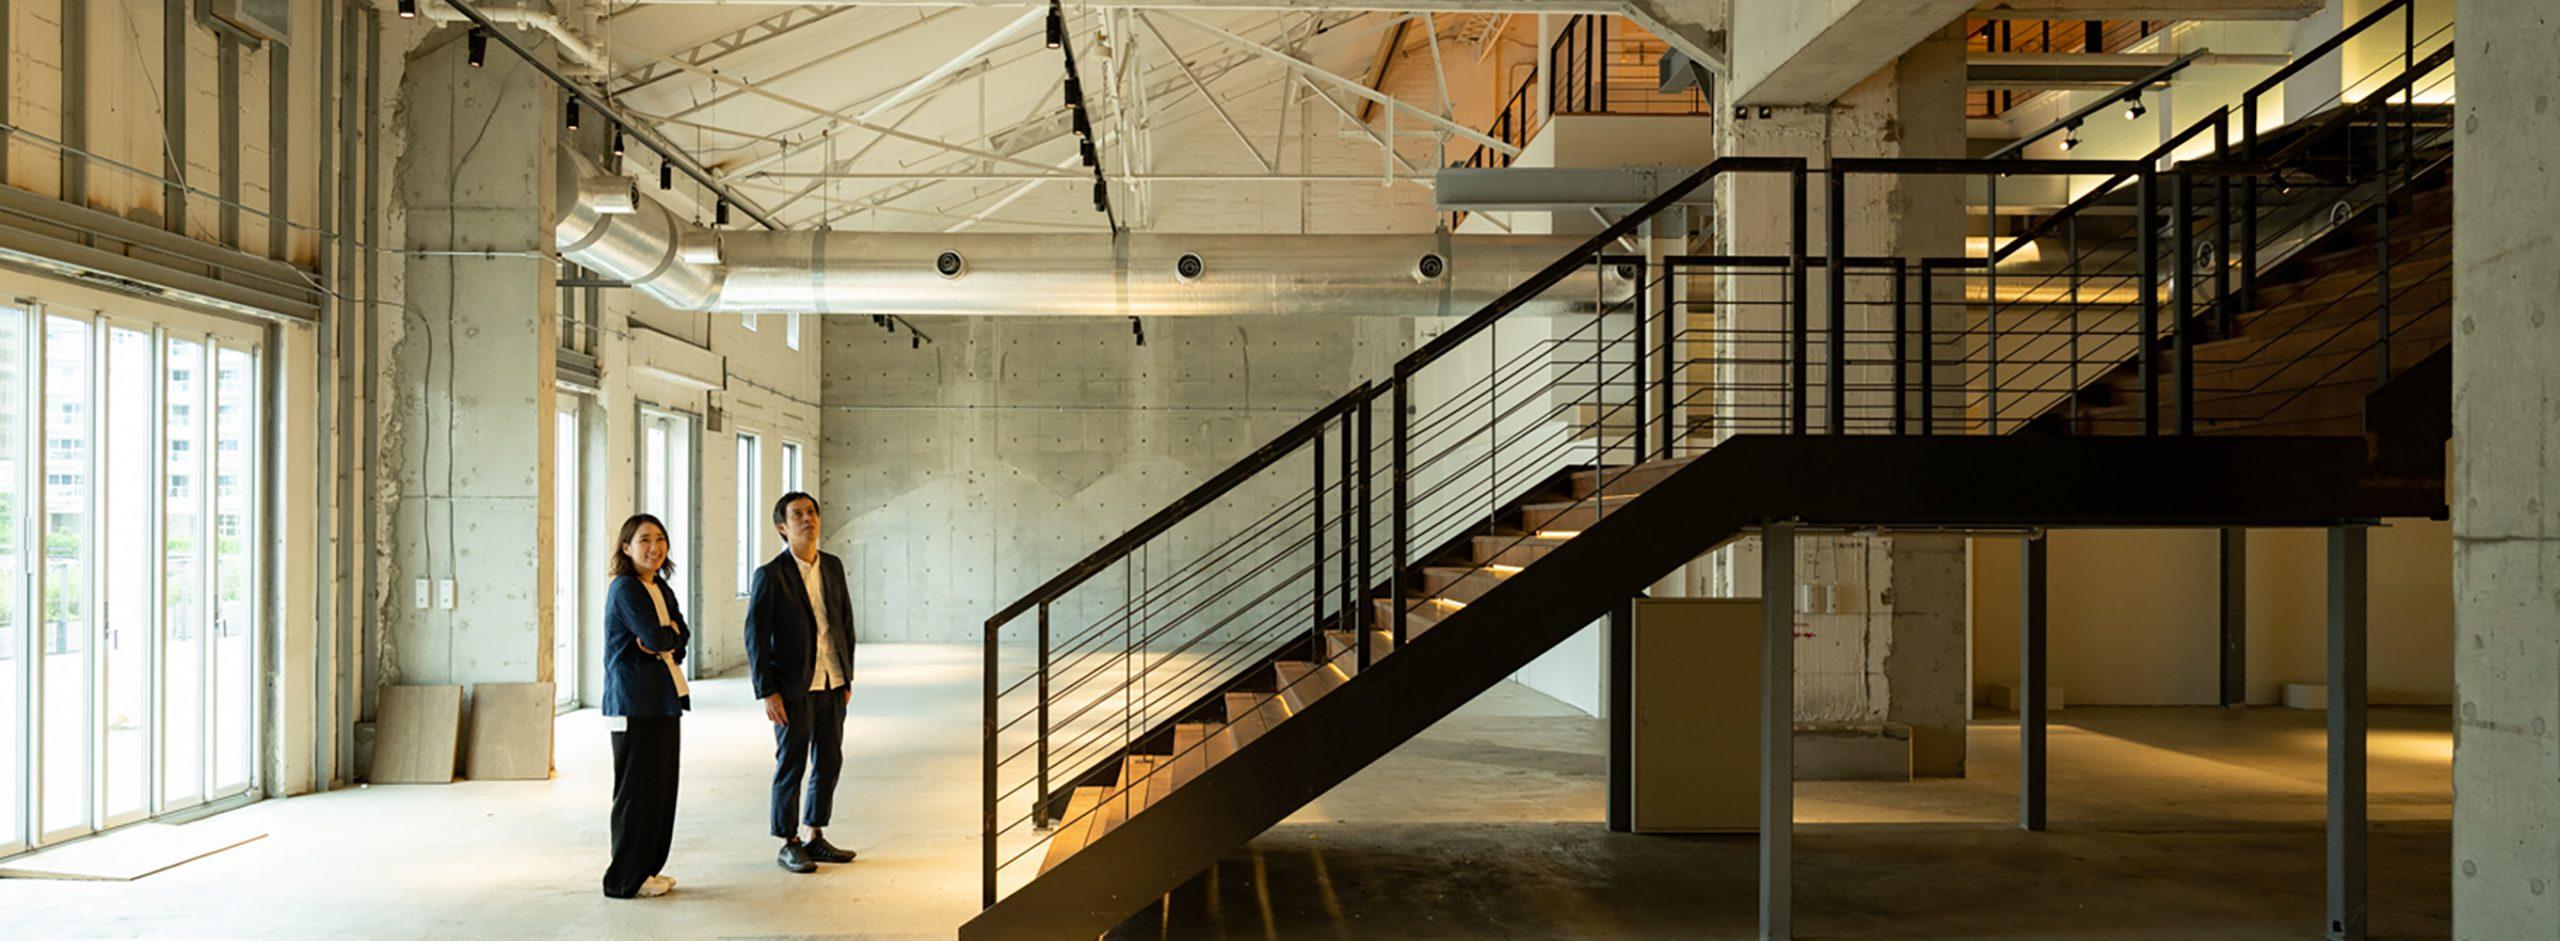 「保管」を軸に新たな価値を提供する、<br>寺田倉庫のイノベーションの源泉